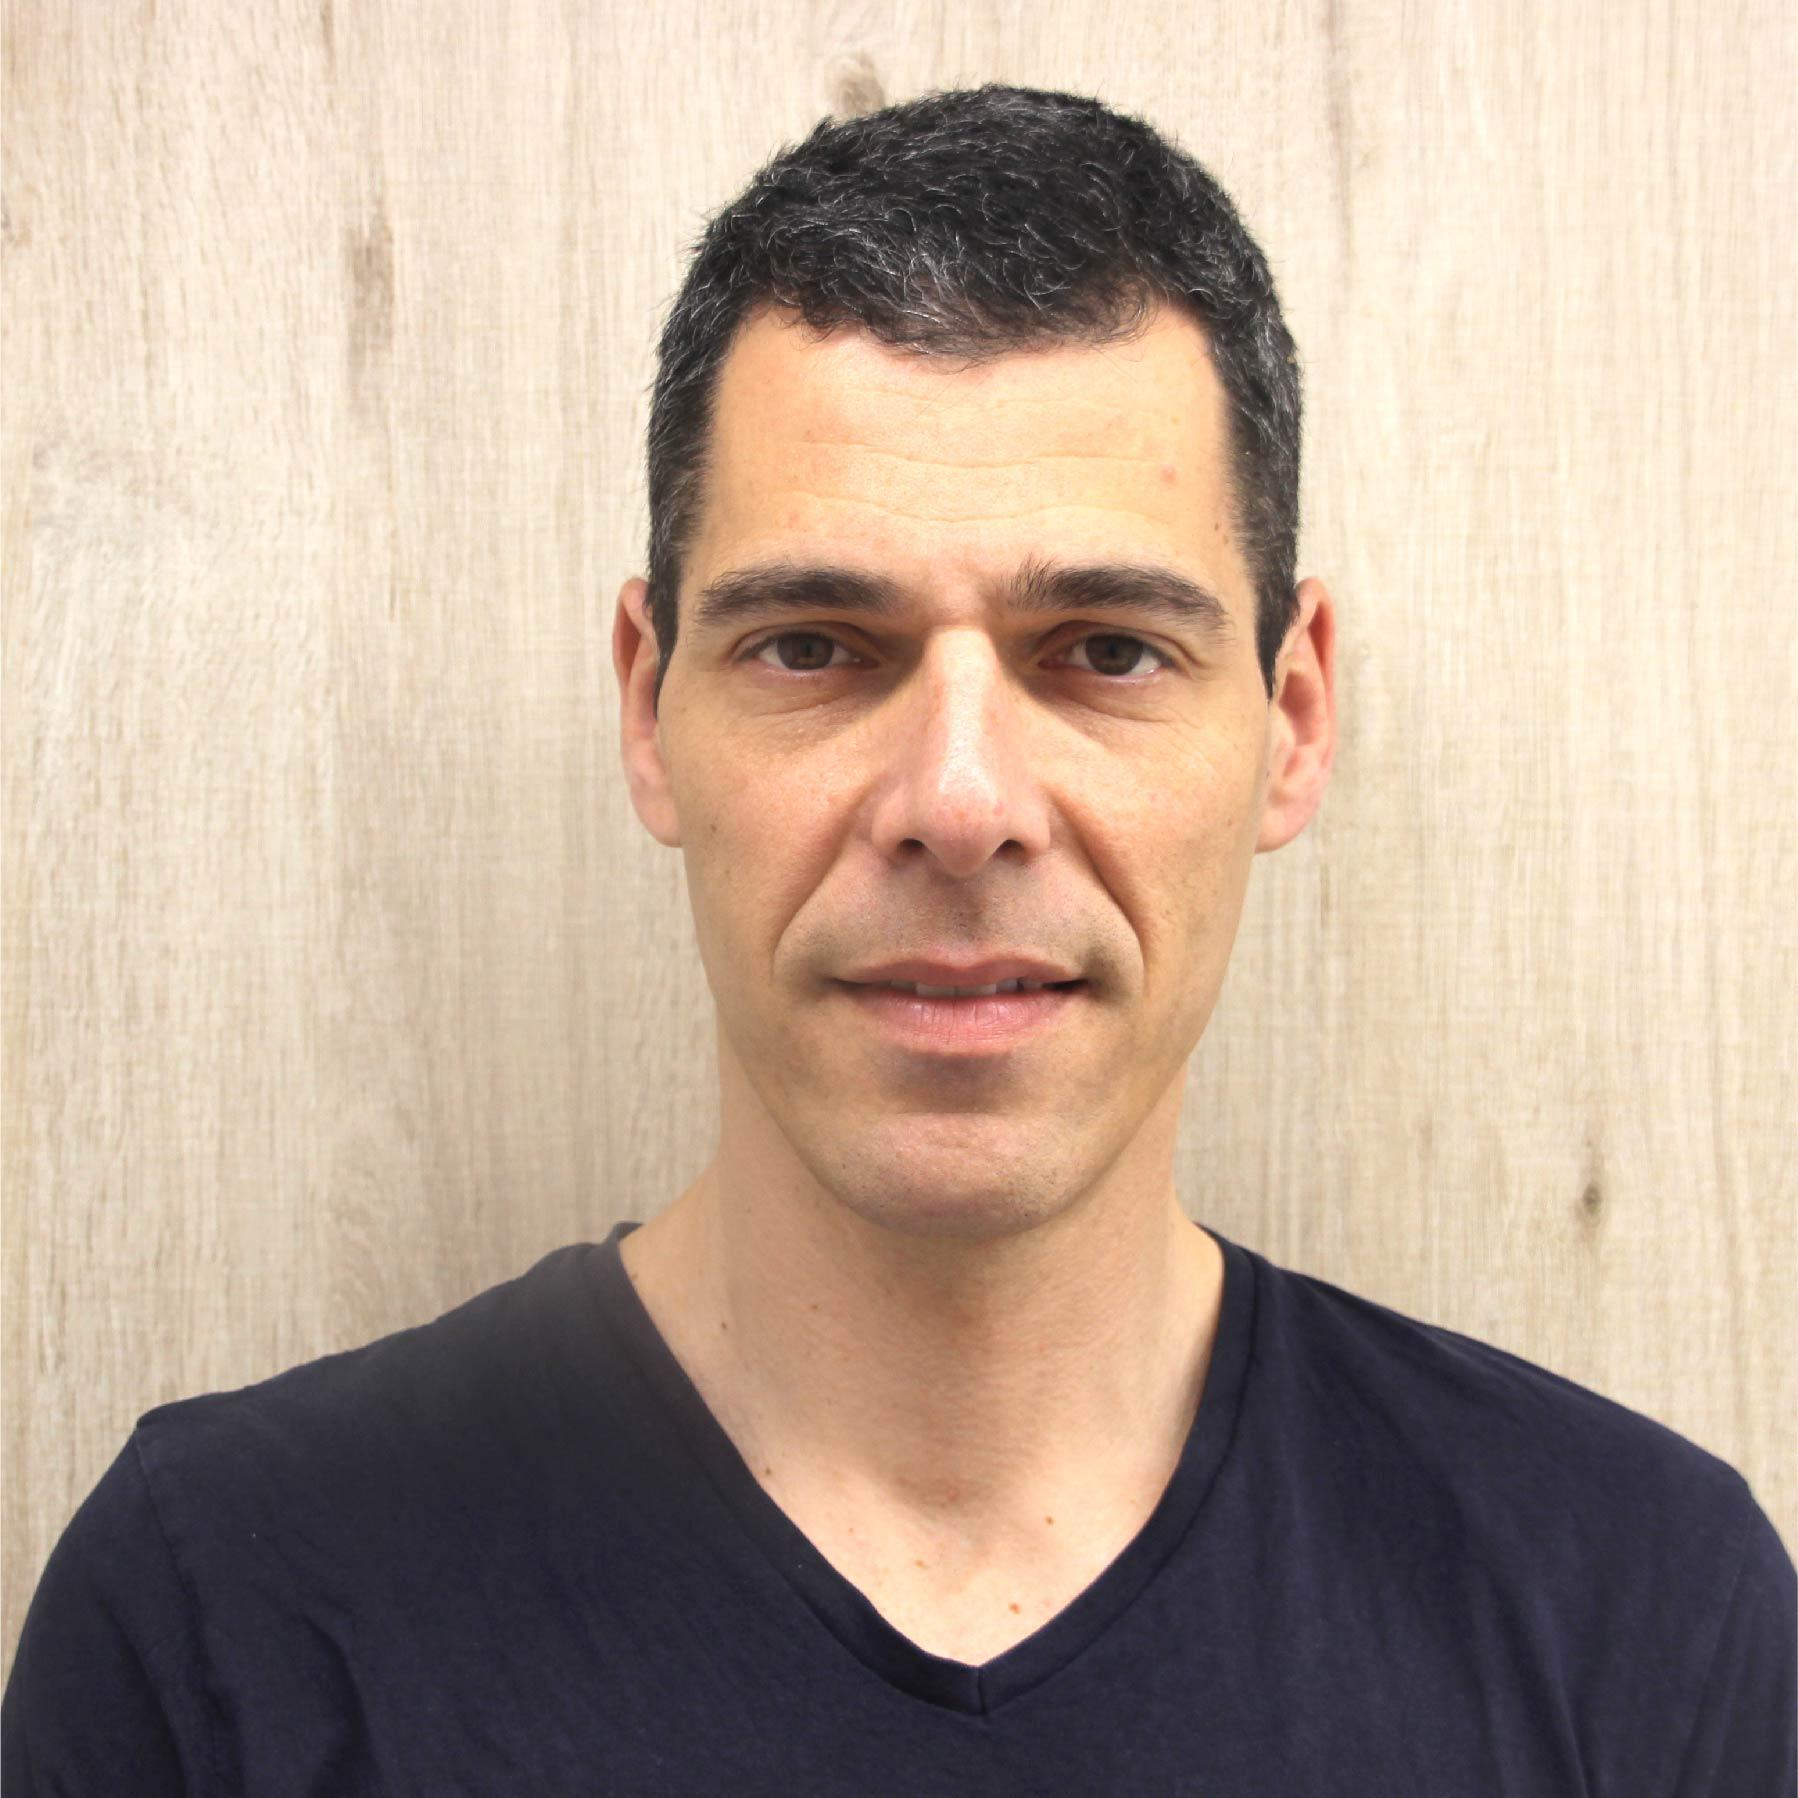 Ruben Paramio Luque